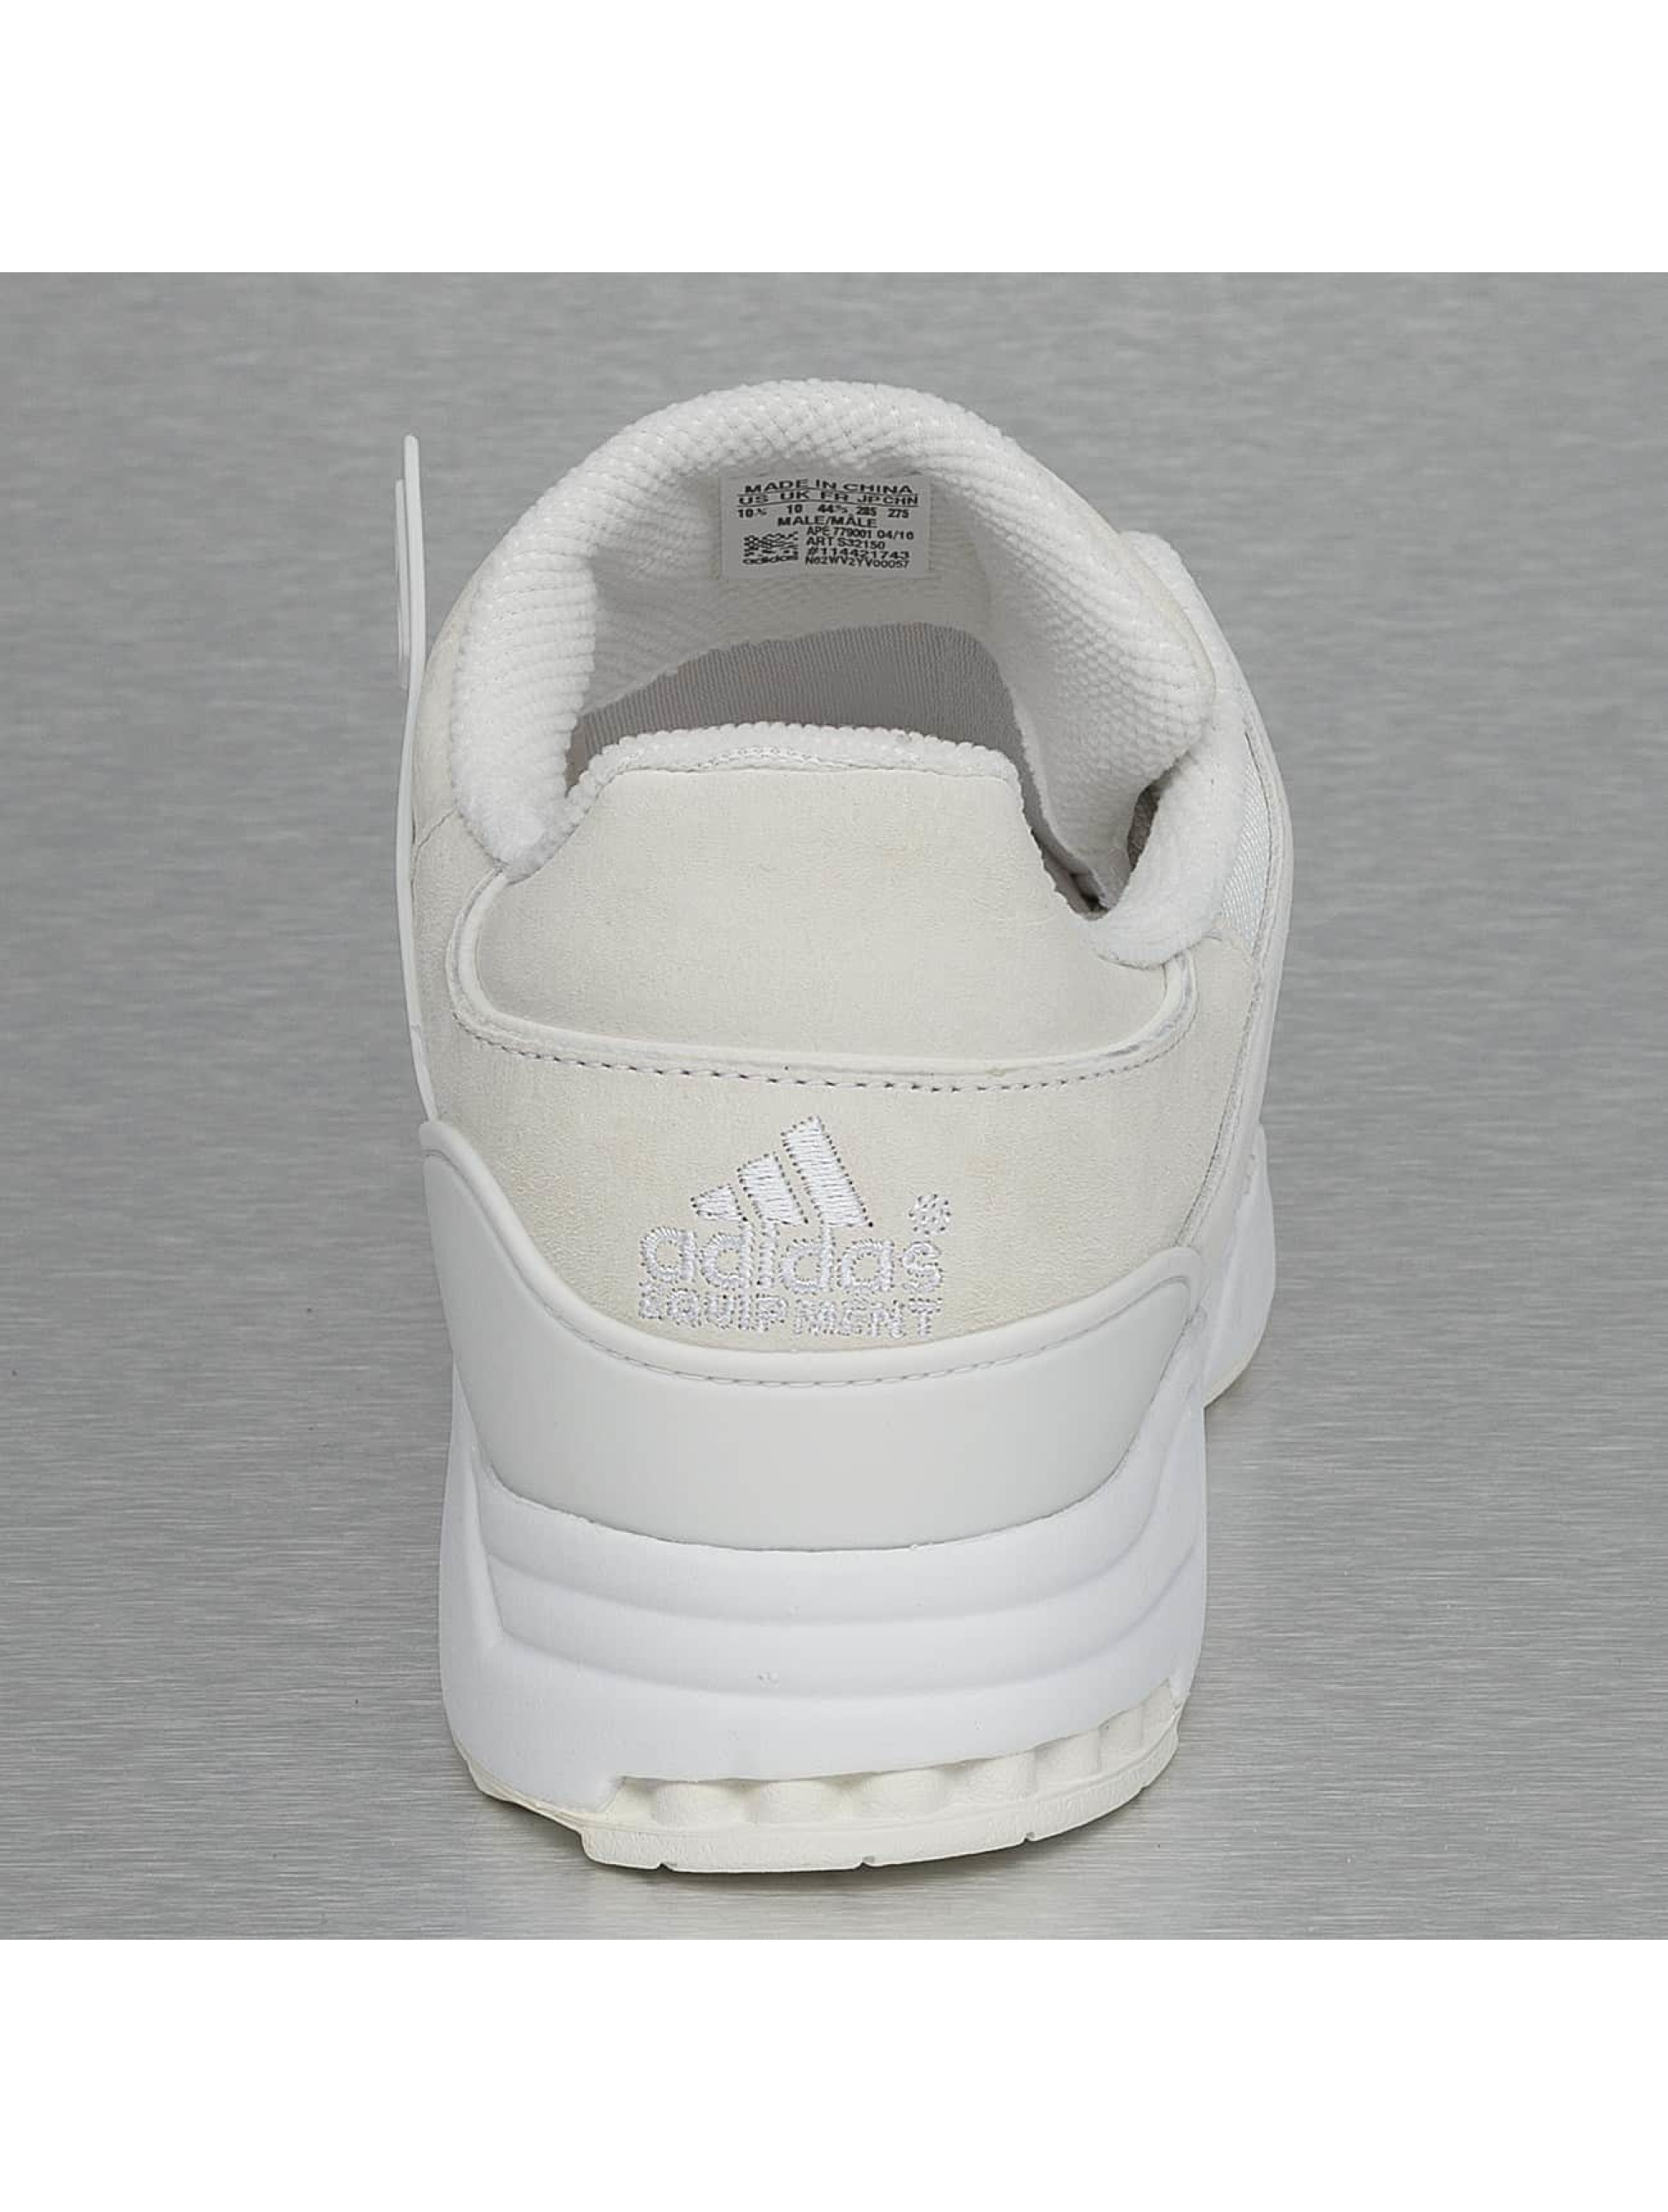 adidas Tennarit Equipment valkoinen